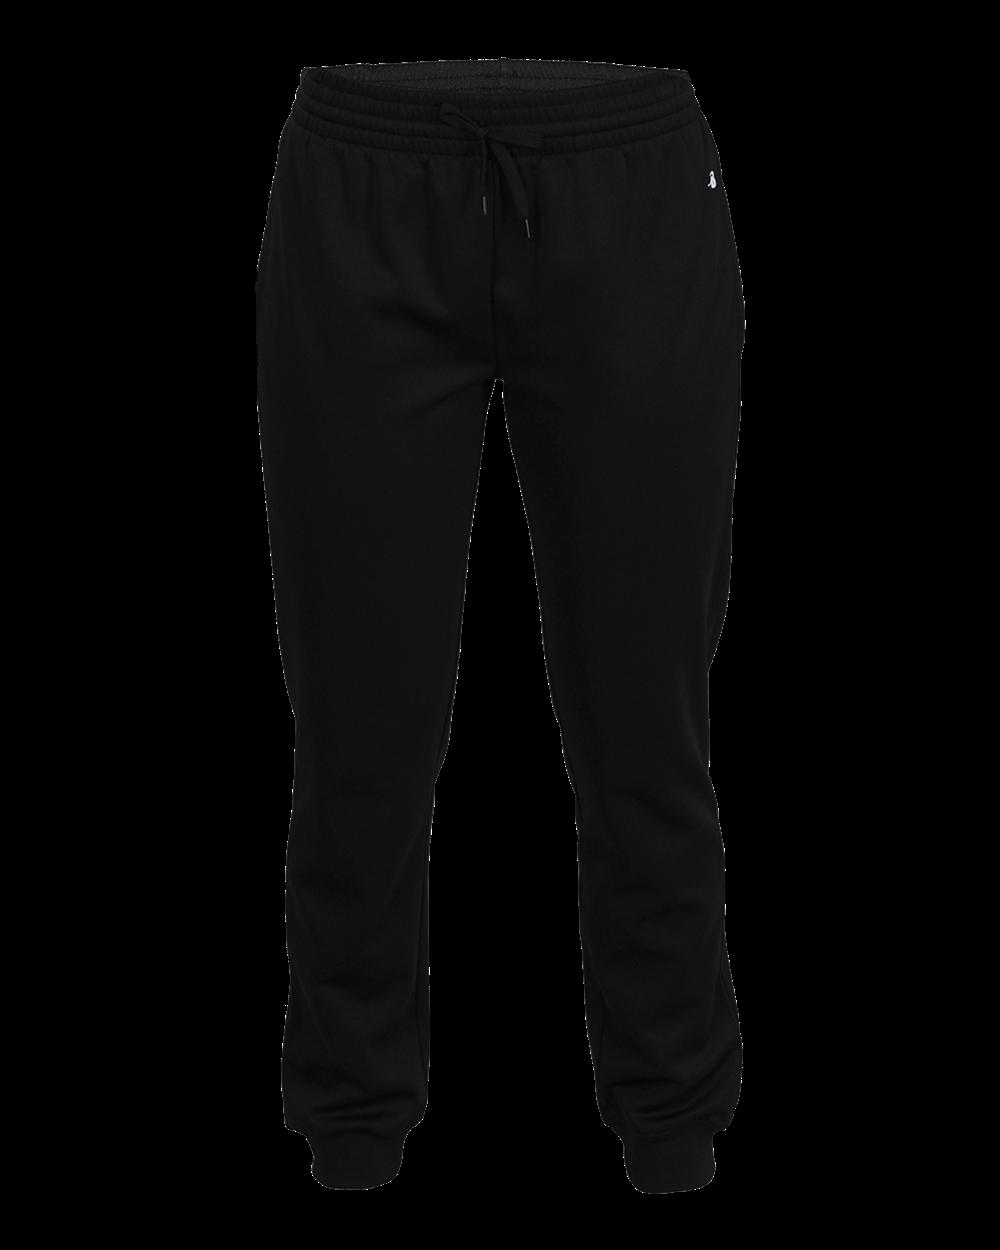 Jogger Women's Pant - Black